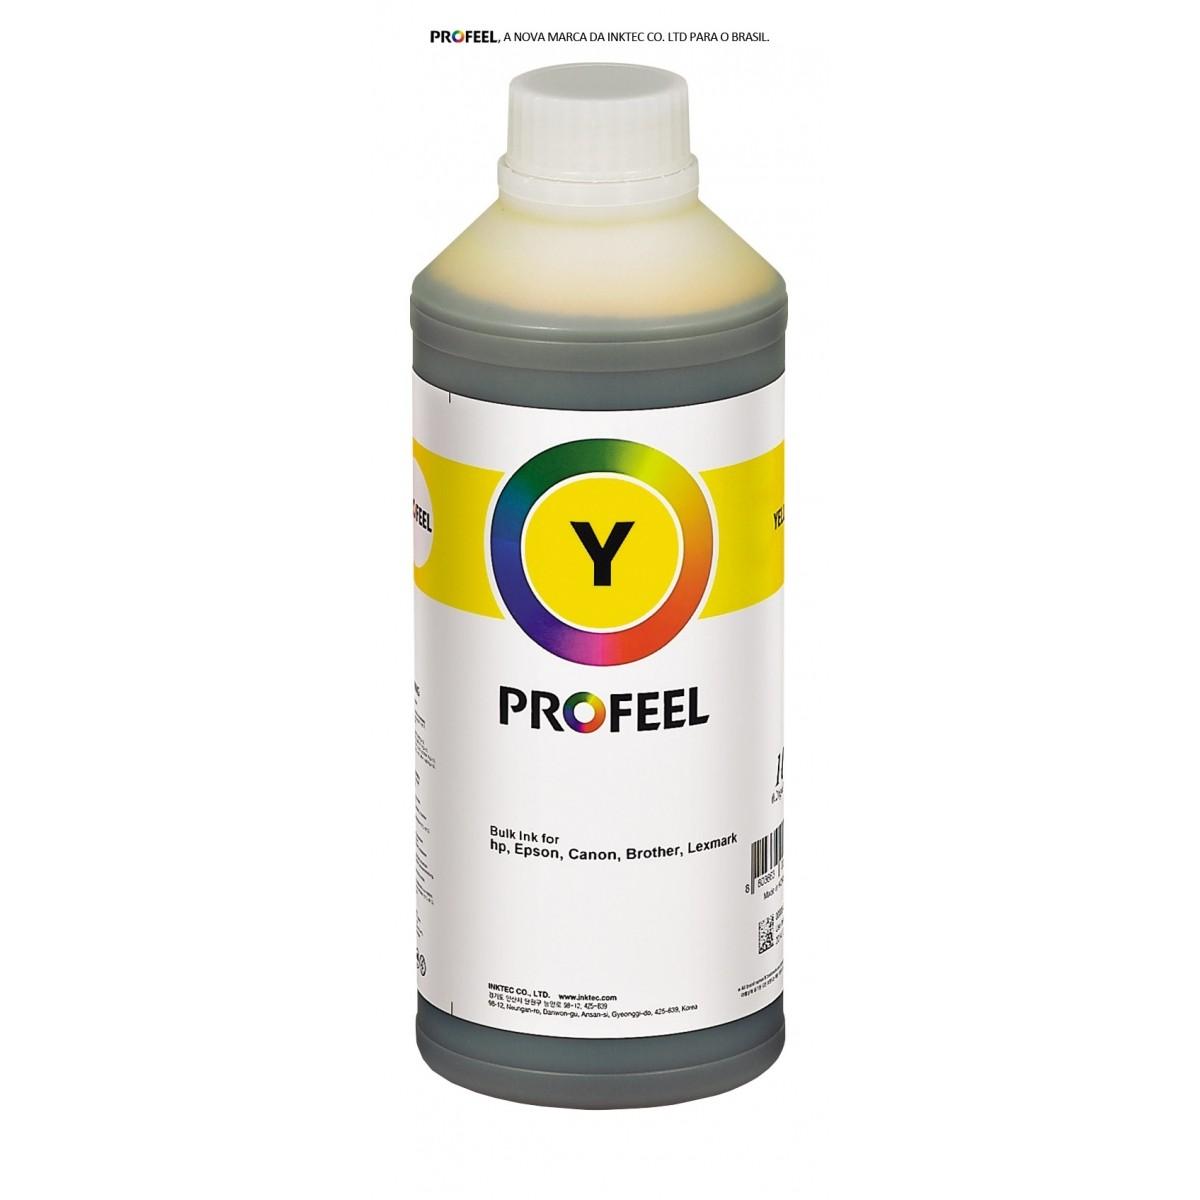 Tinta corante InkTec Profeel para Epson | modelo EU1000-01LY | Frasco de 1 litro | Cor : Amarela